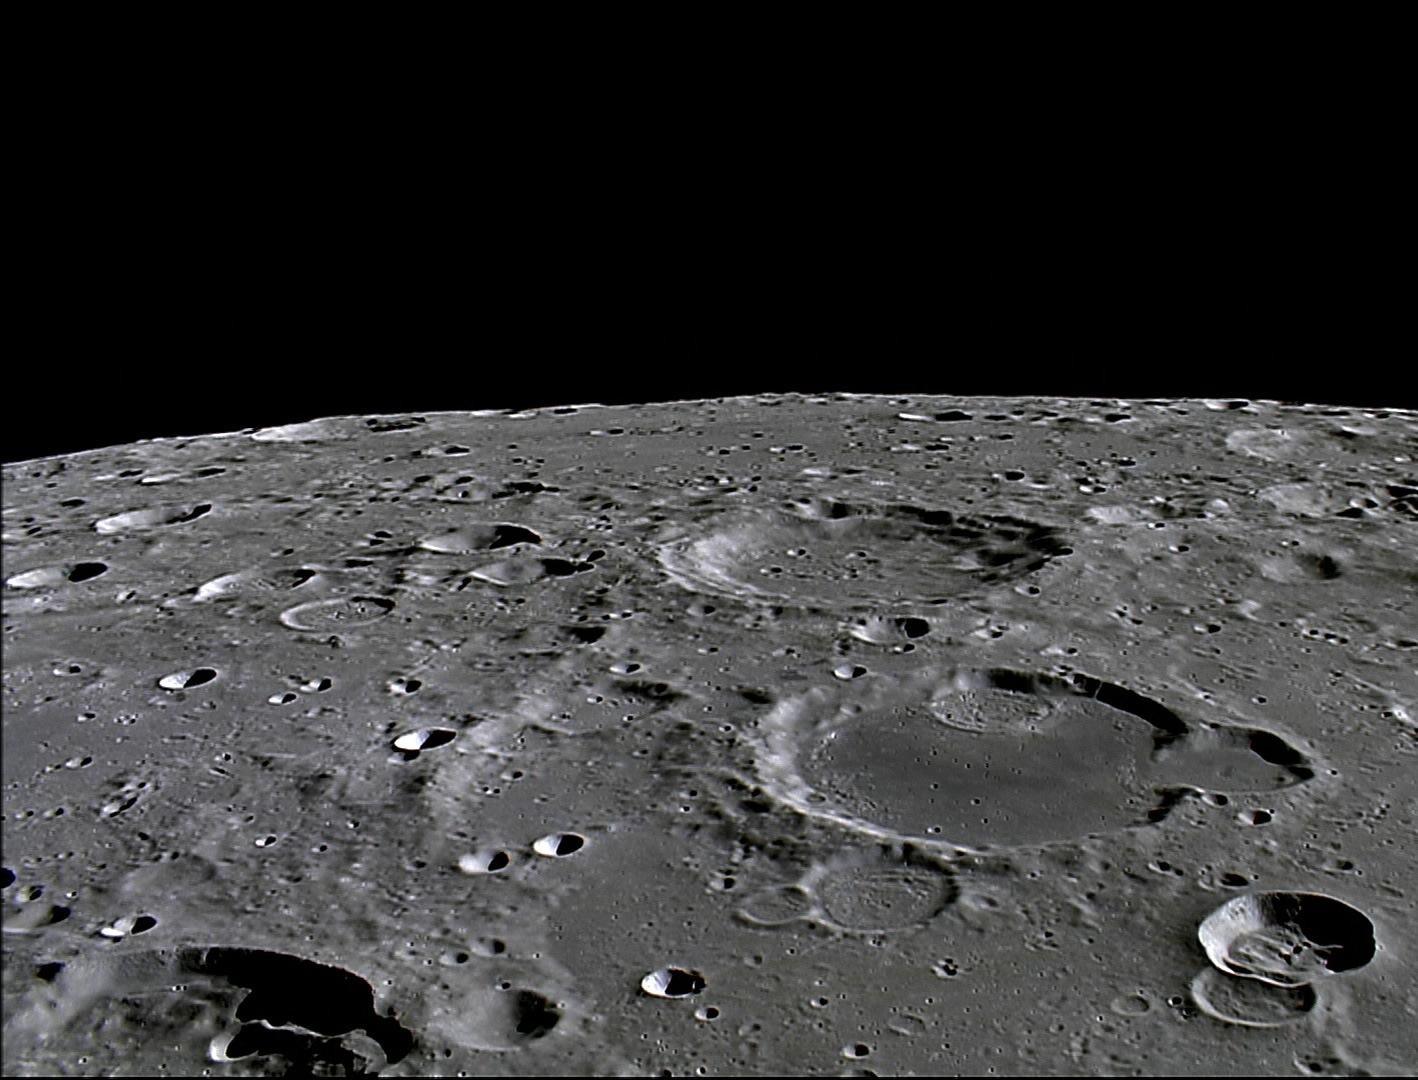 пирамиды на луне фото системе биологическая